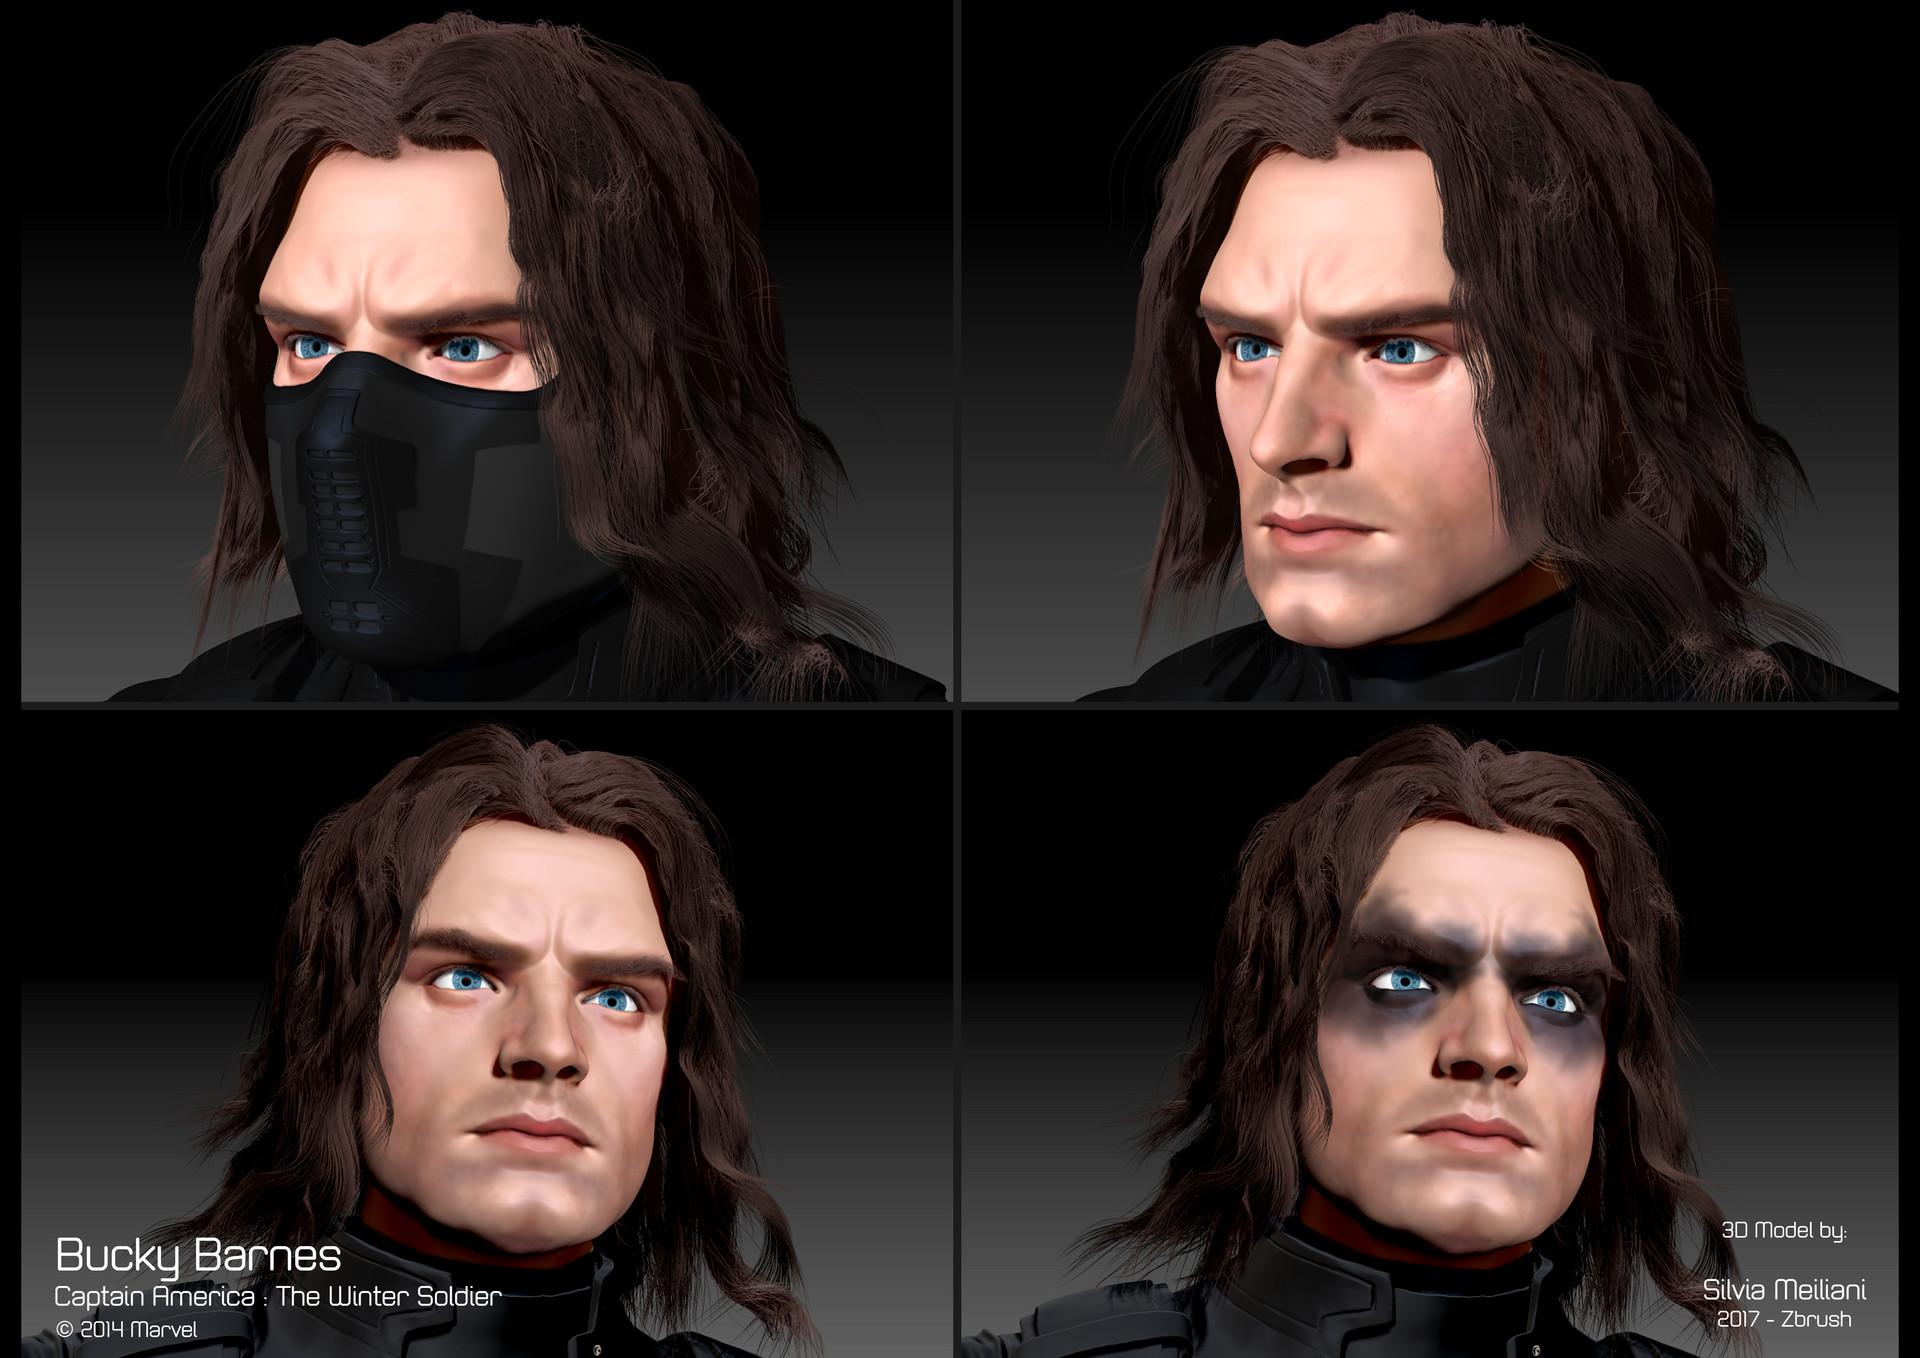 Silvia Meiliani - Winter Soldier 3D Fanart